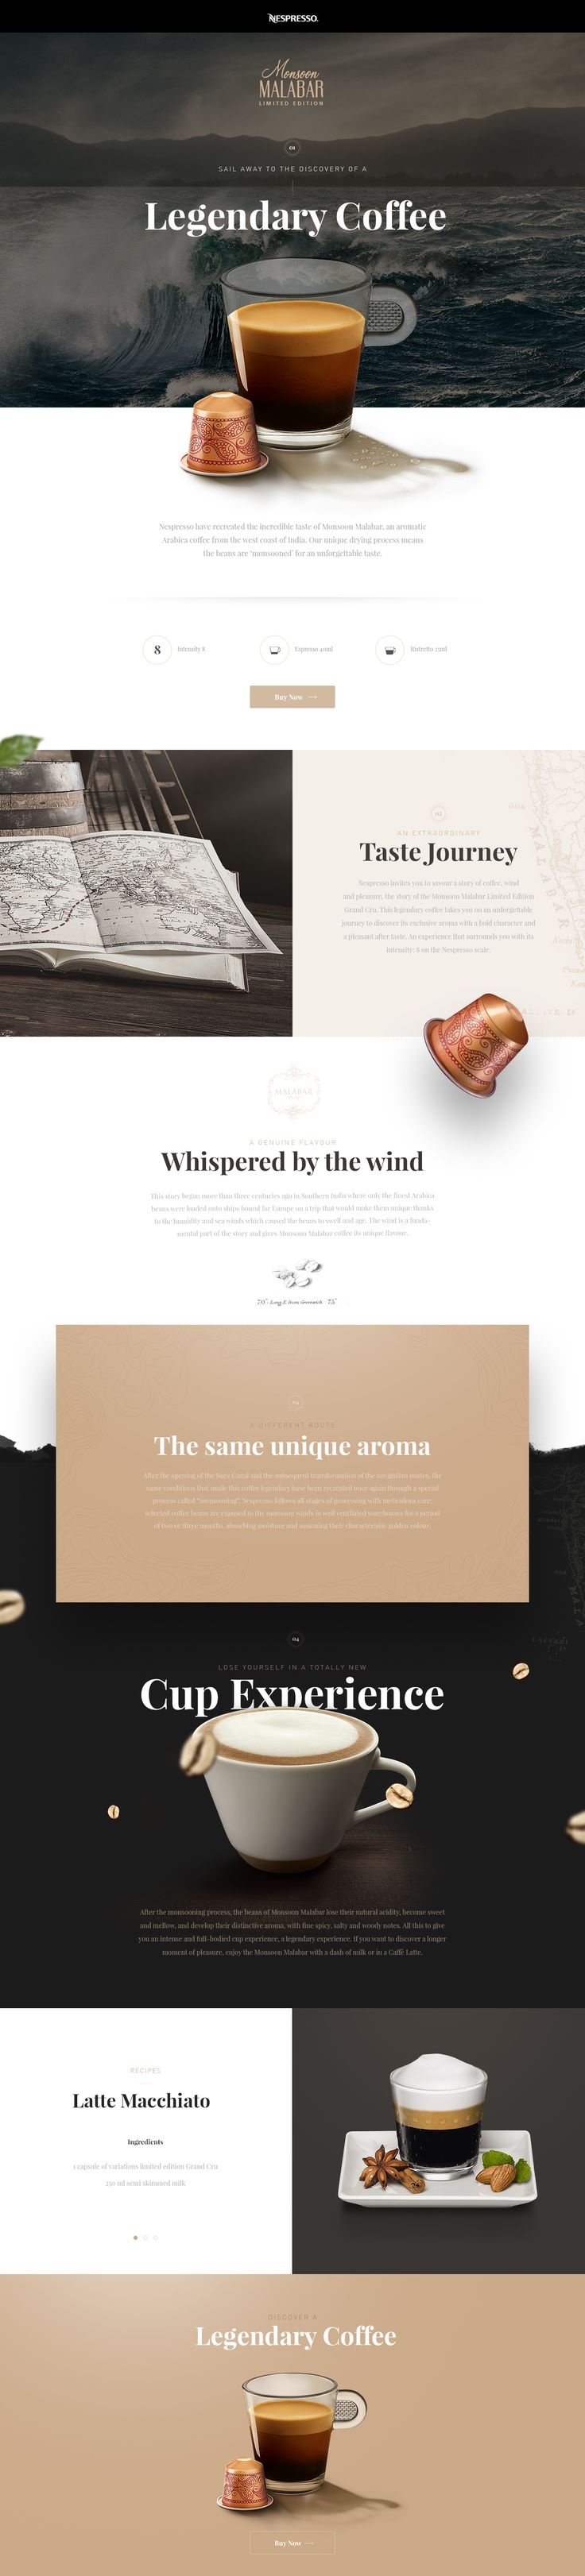 """Consultare la pagina di questo progetto @Behance: """"Nespresso Monsoon Malabar"""" https://www.behance.net/gallery/42748243/Nespresso-Monsoon-Malabar"""